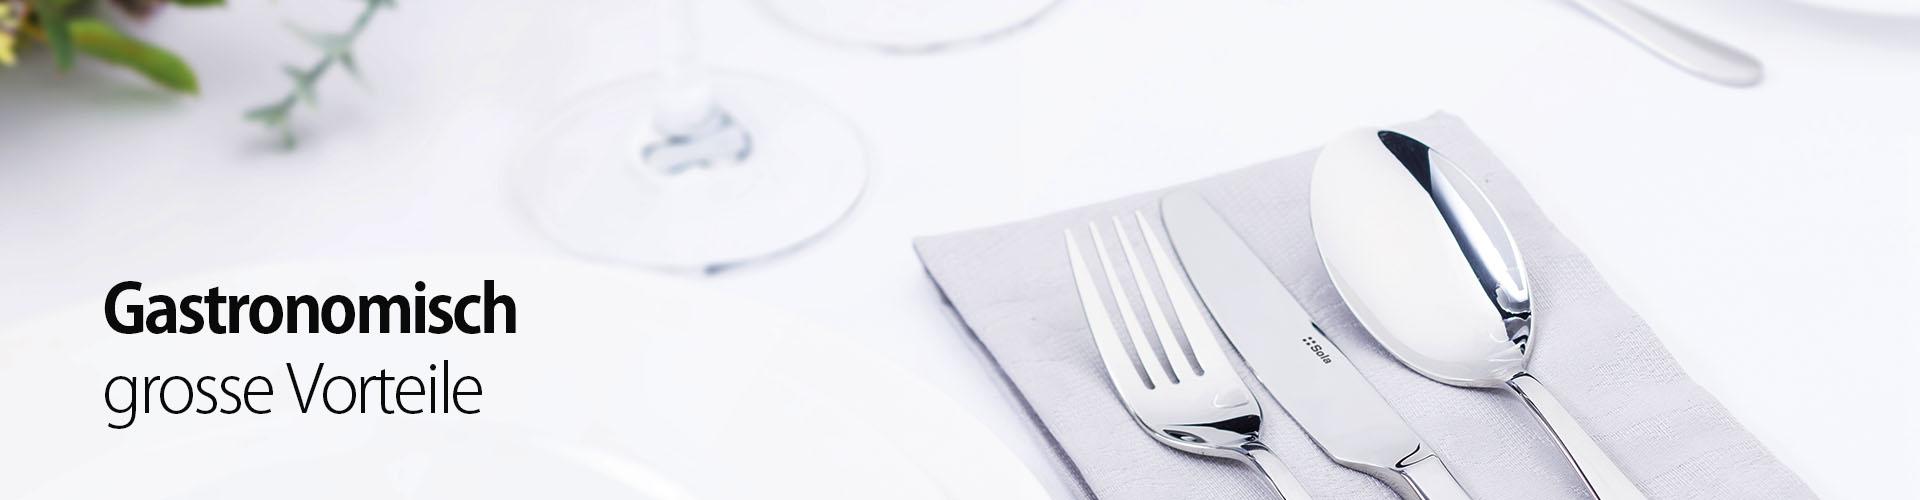 Gastronomisch grosse Vorteile